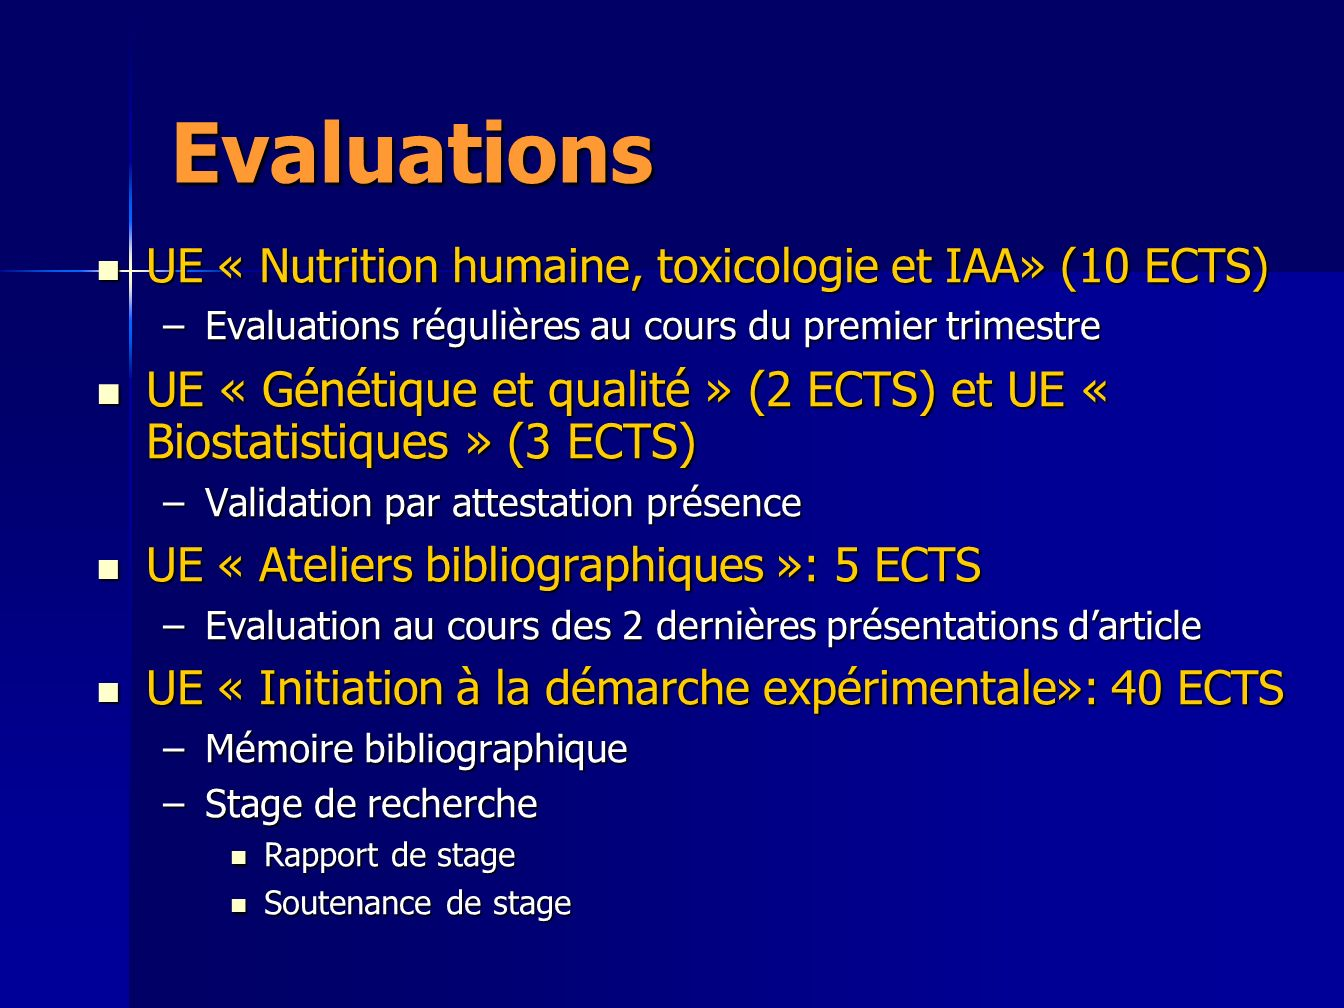 Règlement des études Master 2 Recherche: 60 ECTS Master 2 Recherche: 60 ECTS Une UE est validée si la moyenne pondérée des notes obtenues >10 Une UE est validée si la moyenne pondérée des notes obtenues >10 Délivrance du diplôme de M2 (octroi de 60 ECTS au titre du M2) subordonnée à la validation de lensemble des UE Délivrance du diplôme de M2 (octroi de 60 ECTS au titre du M2) subordonnée à la validation de lensemble des UE Pas de compensation possible entre les UE Pas de compensation possible entre les UE